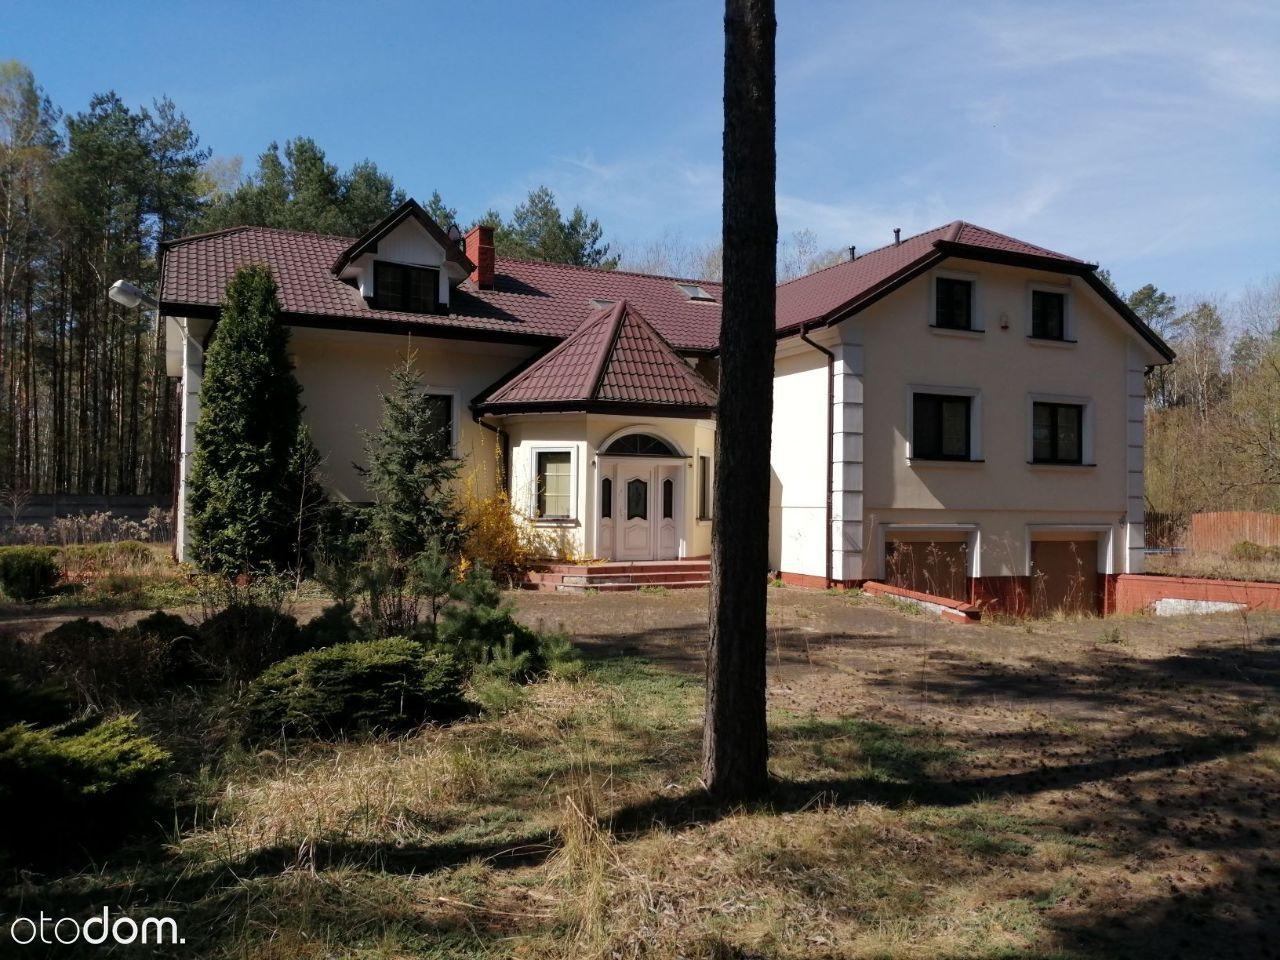 Dom w Lipowie, ul. Armii Krajowej - BEZPOŚREDNIO